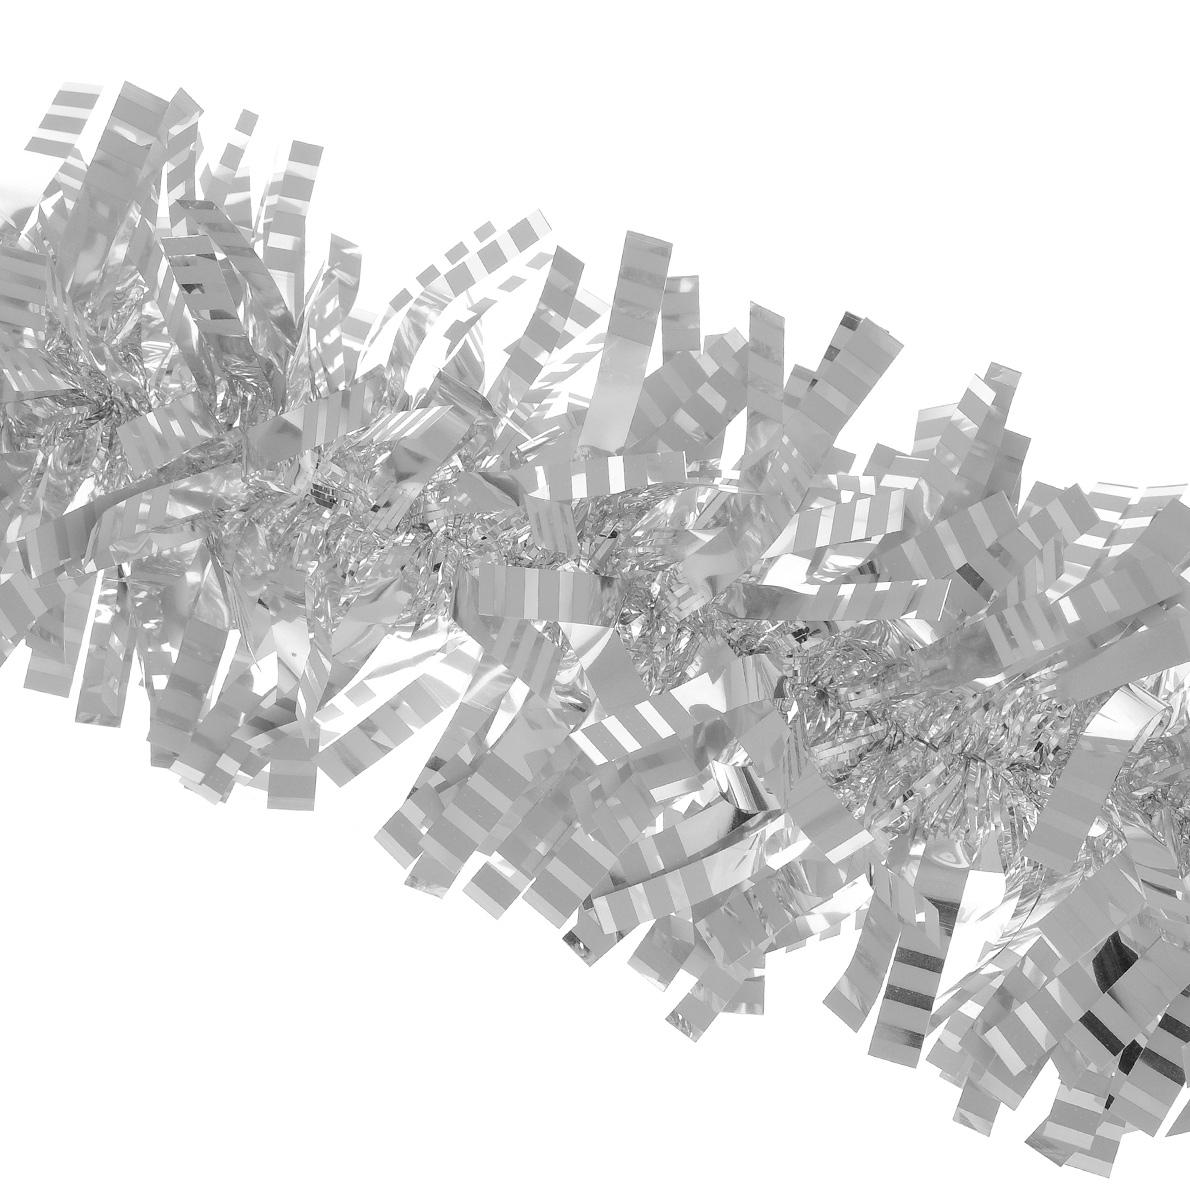 Мишура новогодняя Euro House, цвет: серебристый, диаметр 9 см, длина 200 смЕХ7421_серебристыйНовогодняя мишура Euro House, выполненная из полиэстера, поможет вам украсить свой дом к предстоящим праздникам. Новогодняя елка с таким украшением станет еще наряднее. Мишура армирована, то есть имеет проволоку внутри и способна сохранять придаваемую ей форму. Новогодней мишурой можно украсить все, что угодно - елку, квартиру, дачу, офис - как внутри, так и снаружи. Можно сложить новогодние поздравления, буквы и цифры, мишурой можно украсить и дополнить гирлянды, можно выделить дверные колонны, оплести дверные проемы.